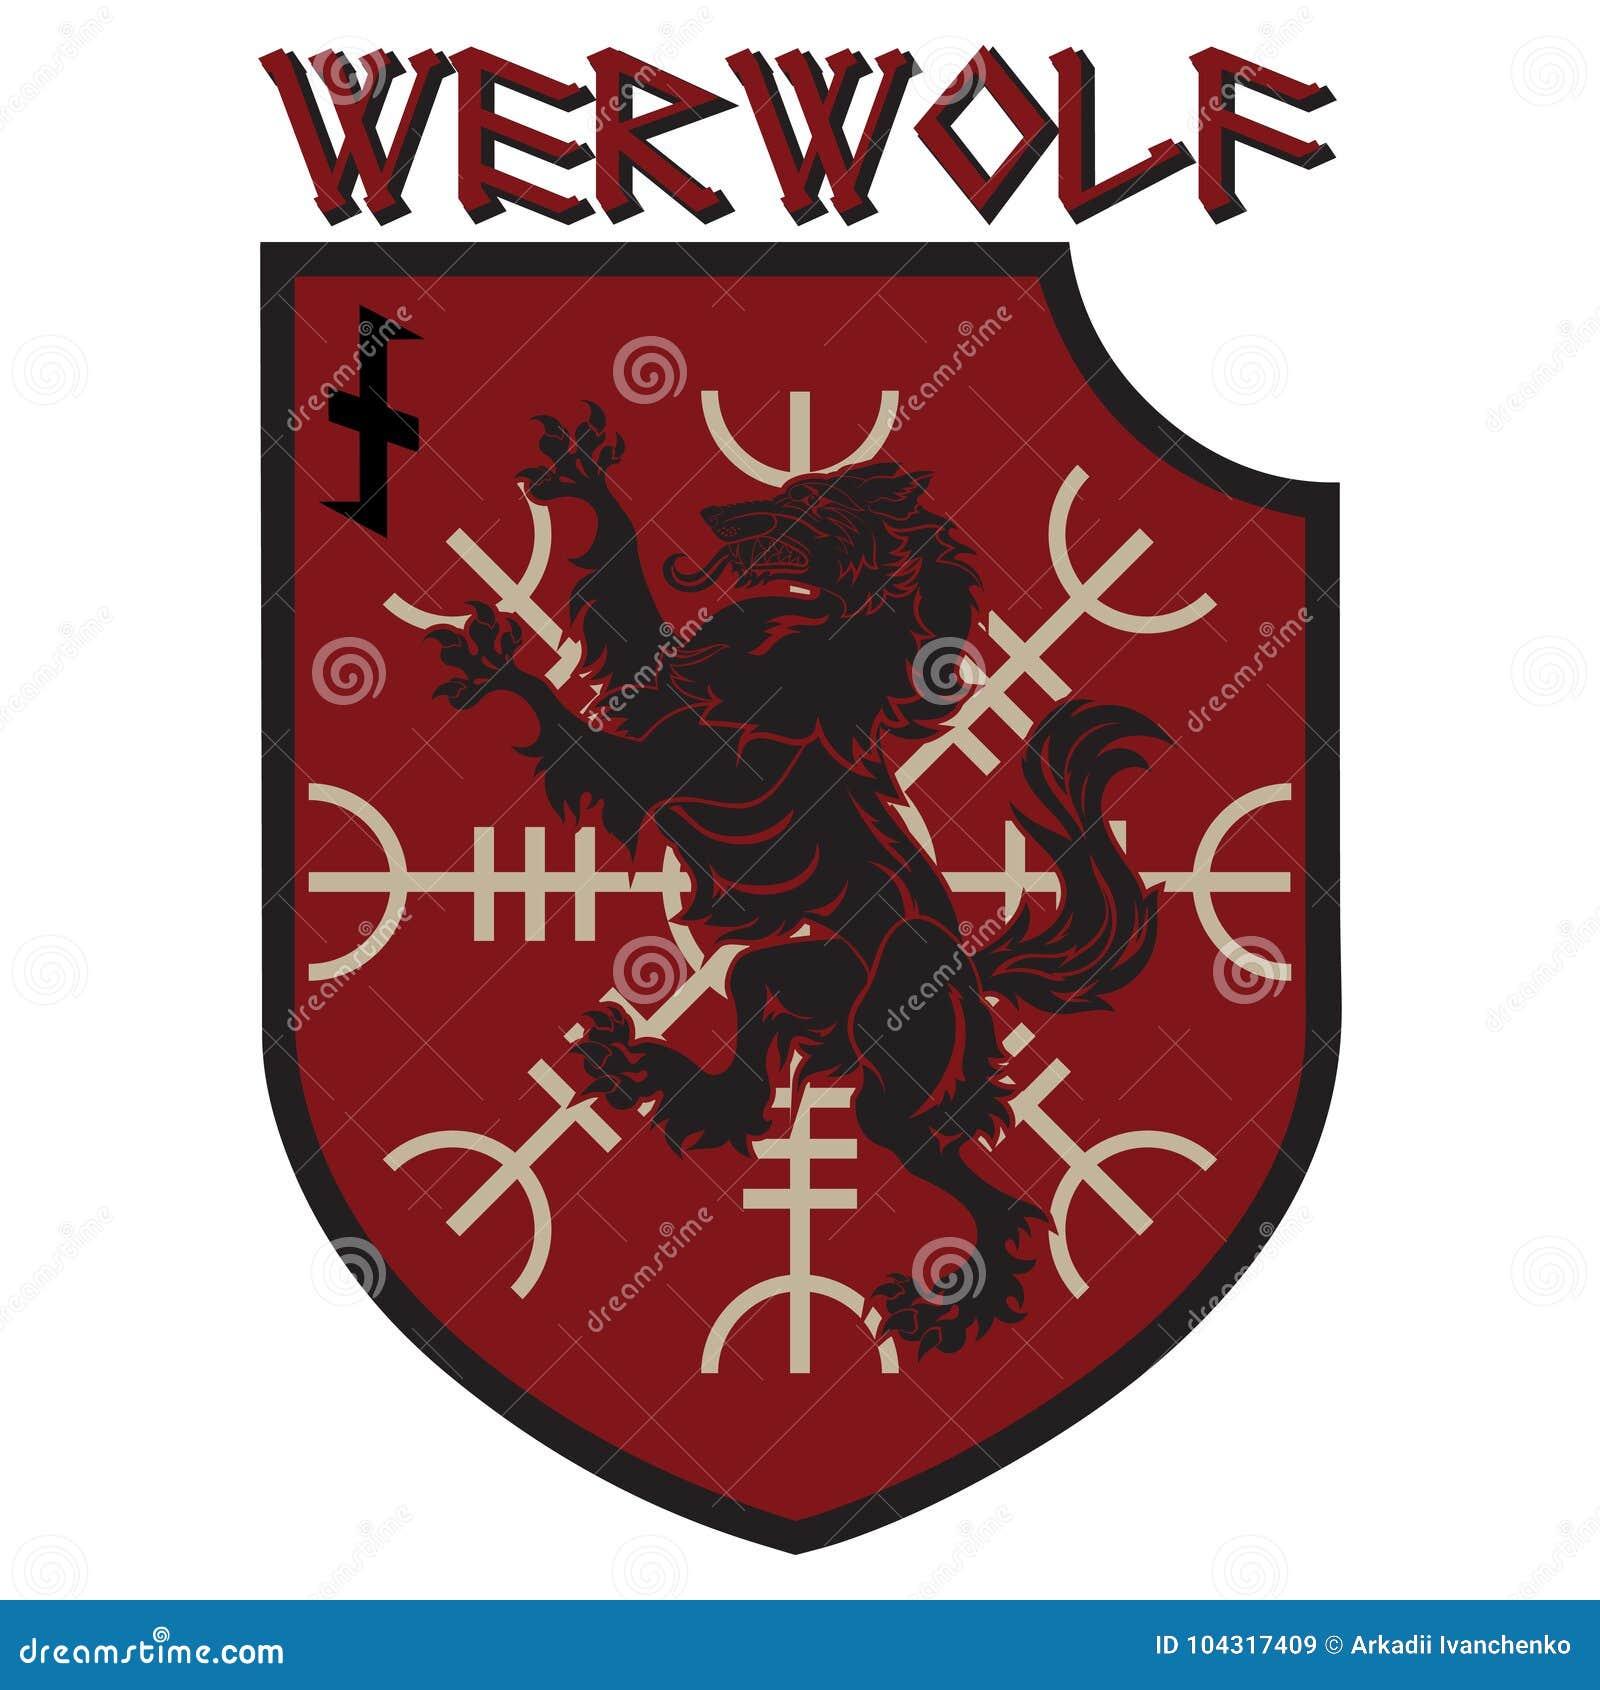 Μπάλωμα σχεδίου Εραλδική ασπίδα με ένα Werewolf, τιμόνι του δέου και του ρούνου Wolfsangel